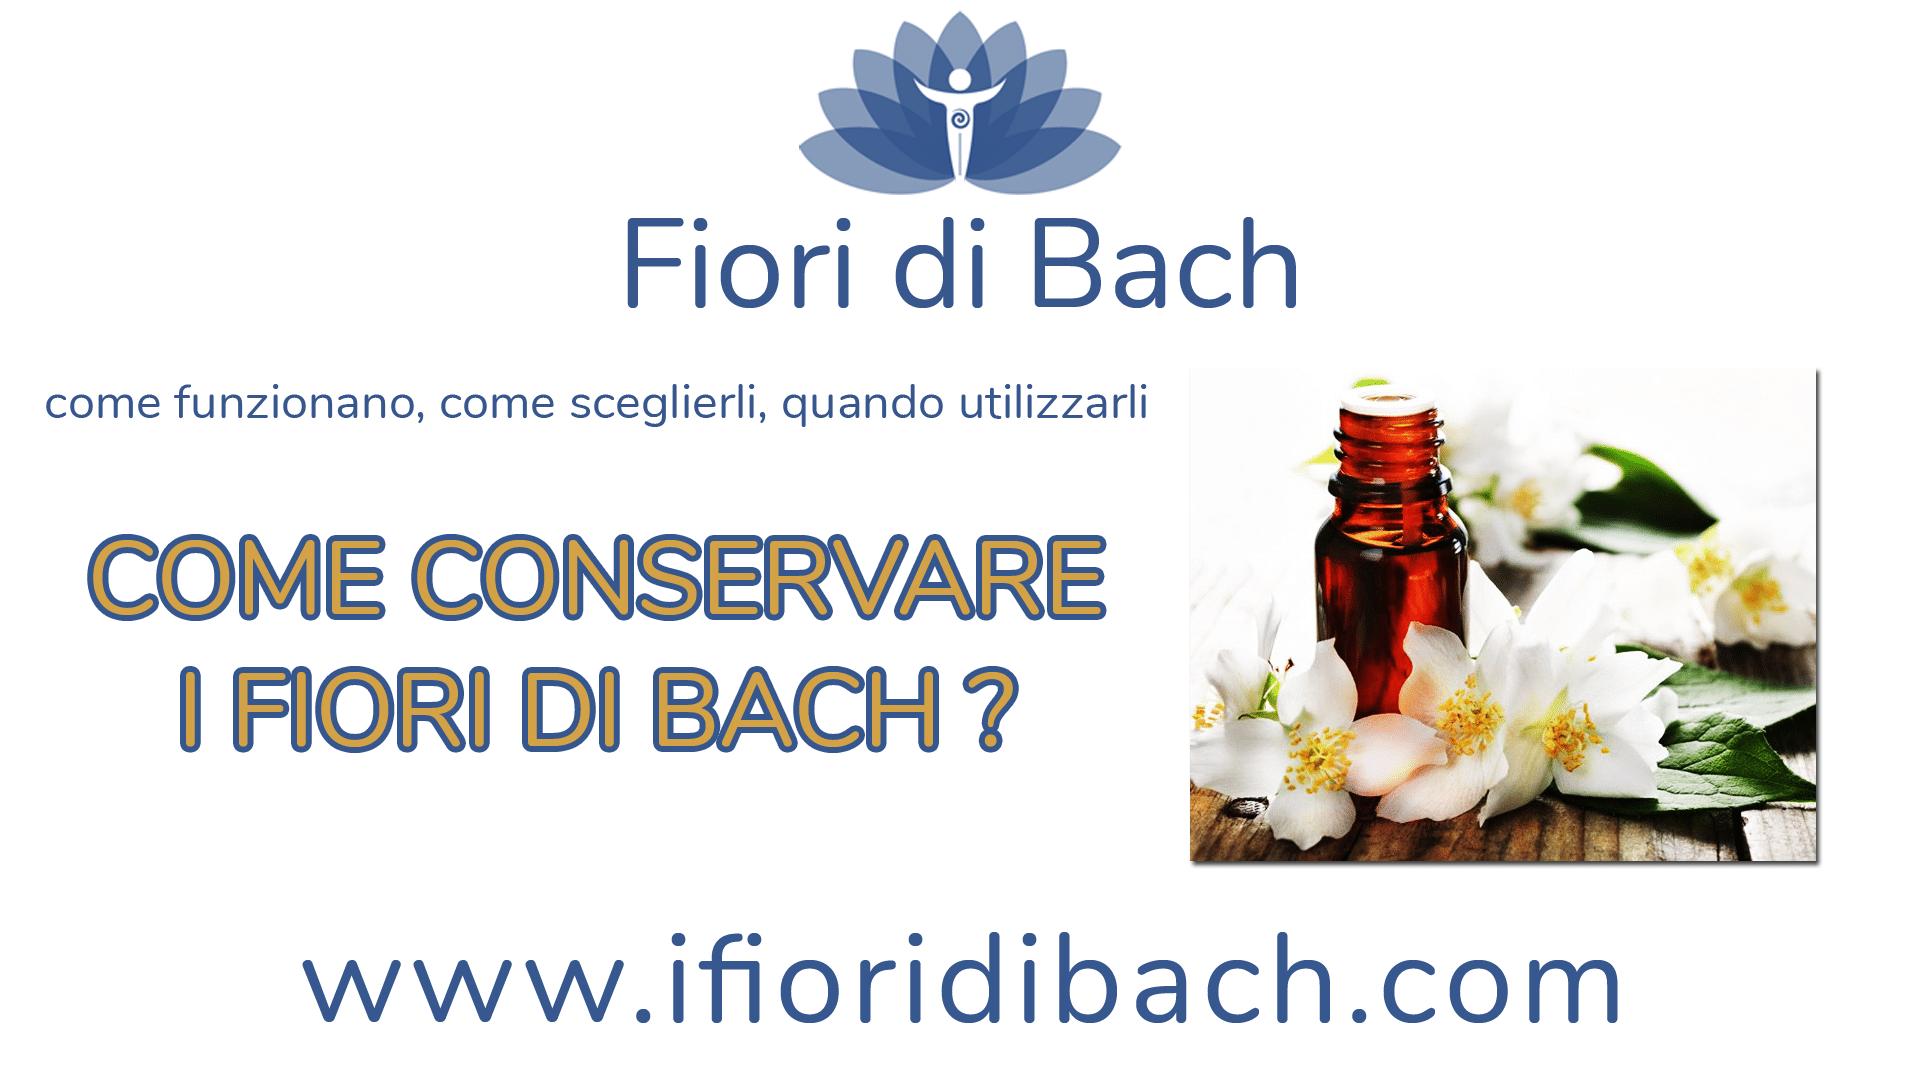 Come conservare i fiori di Bach?